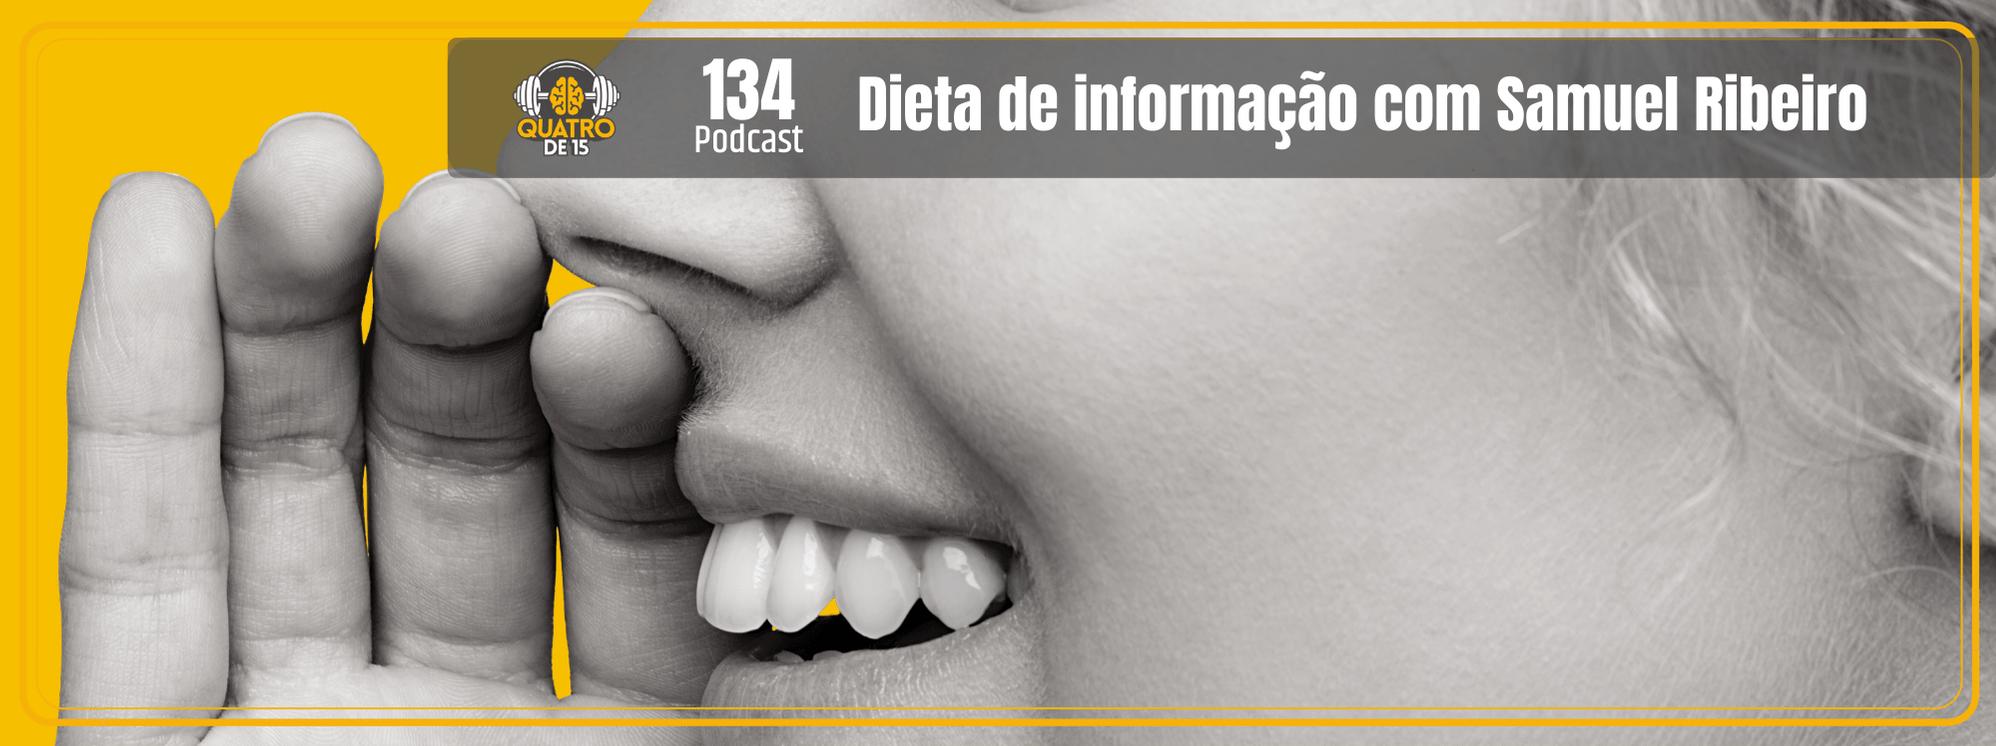 Dieta de Informação com Samuel Ribeiro (Quatrode15 #134)